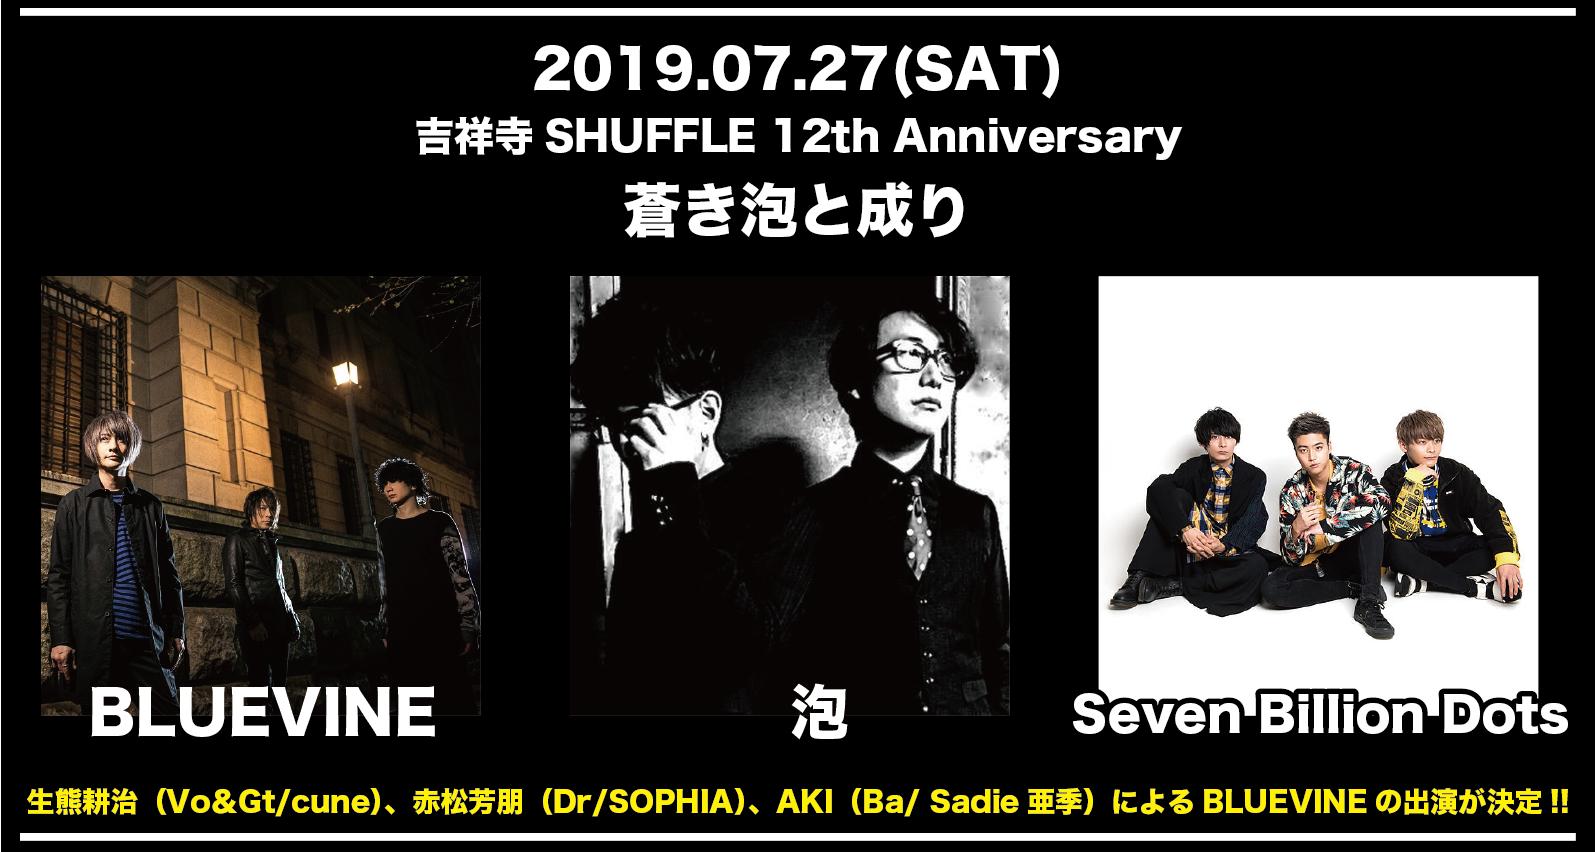 吉祥寺SHUFFLE 12th Anniversary 蒼き泡と成り